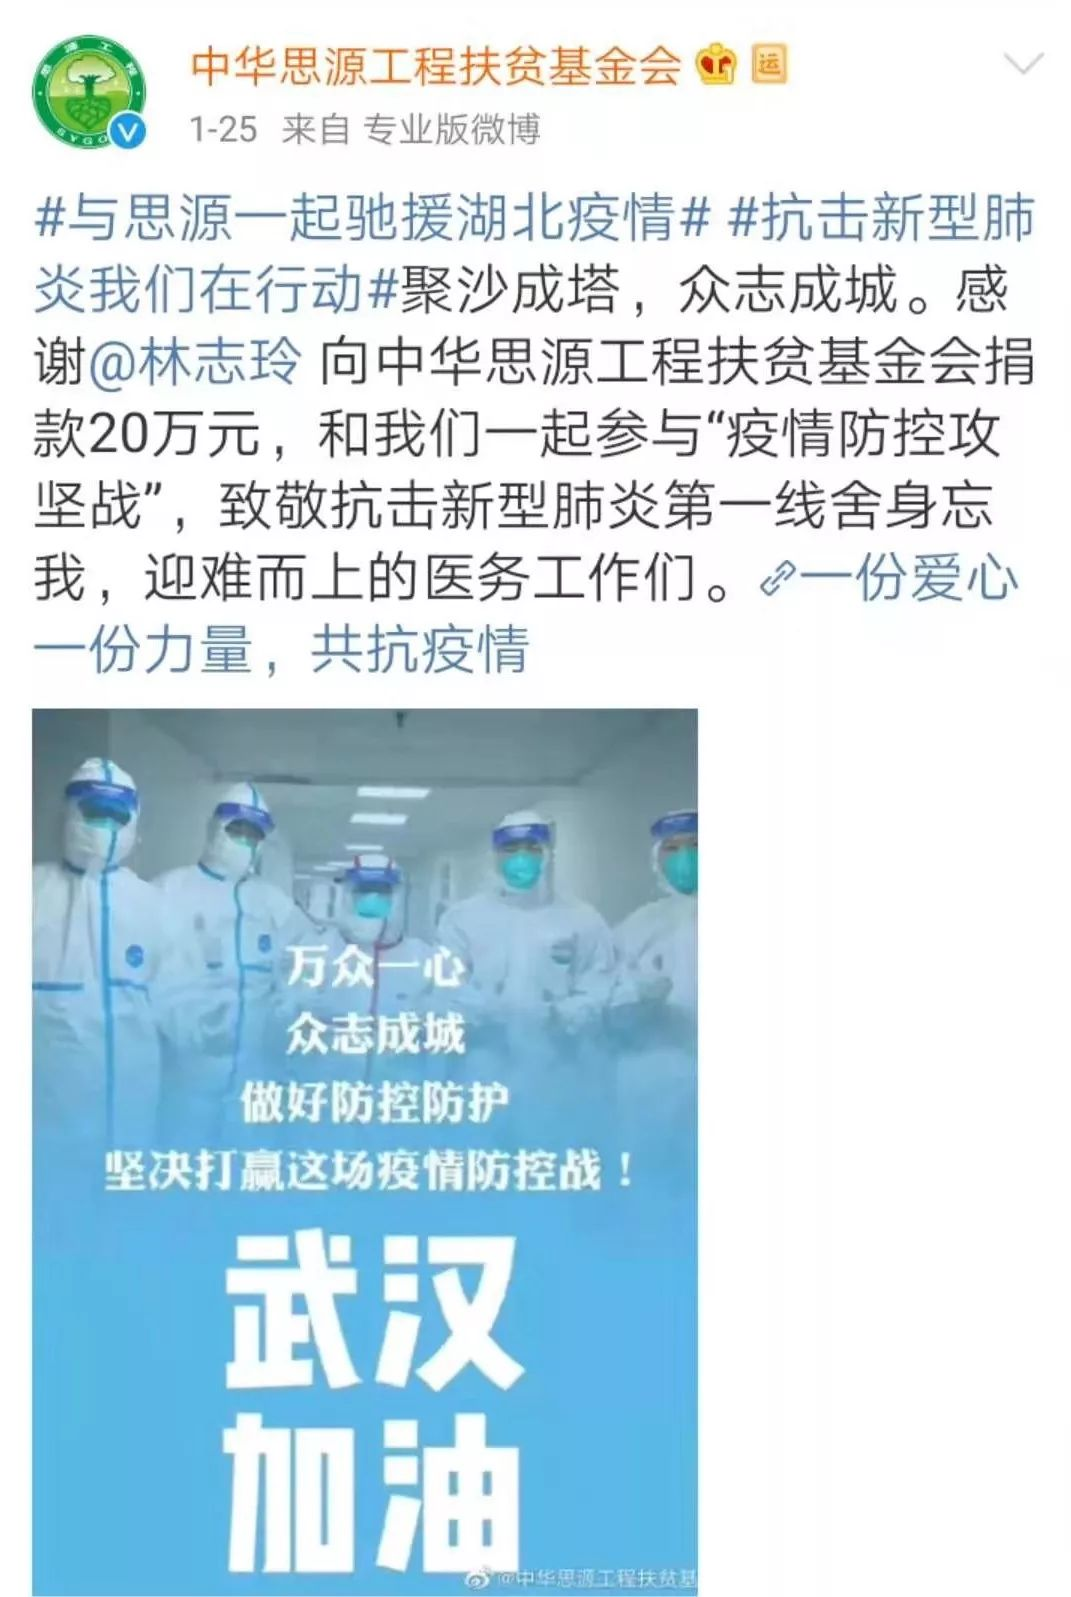 林志玲去年人设崩塌,如今捐款20万,成为台湾女星第一单